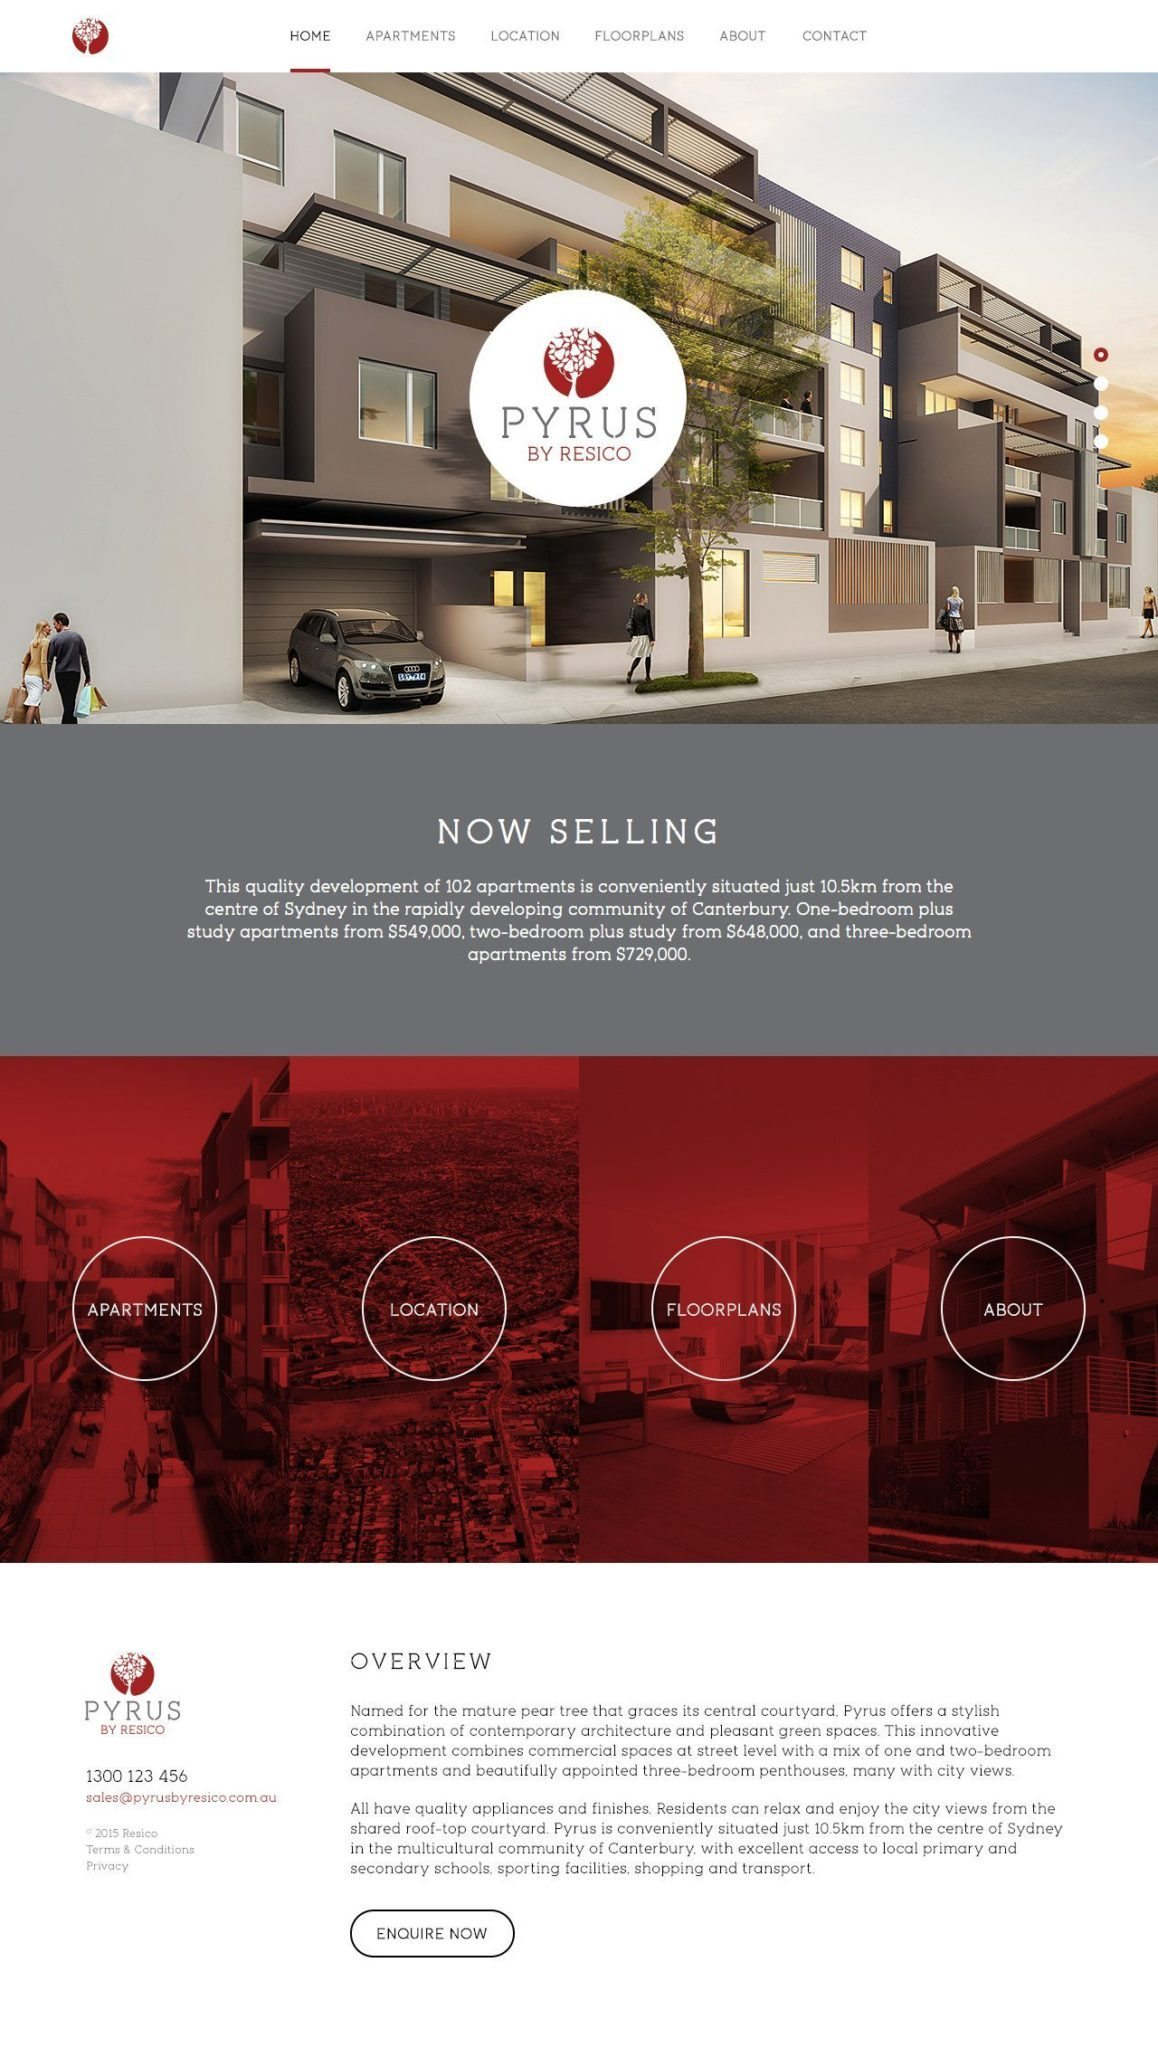 Pyrus Website Homepage